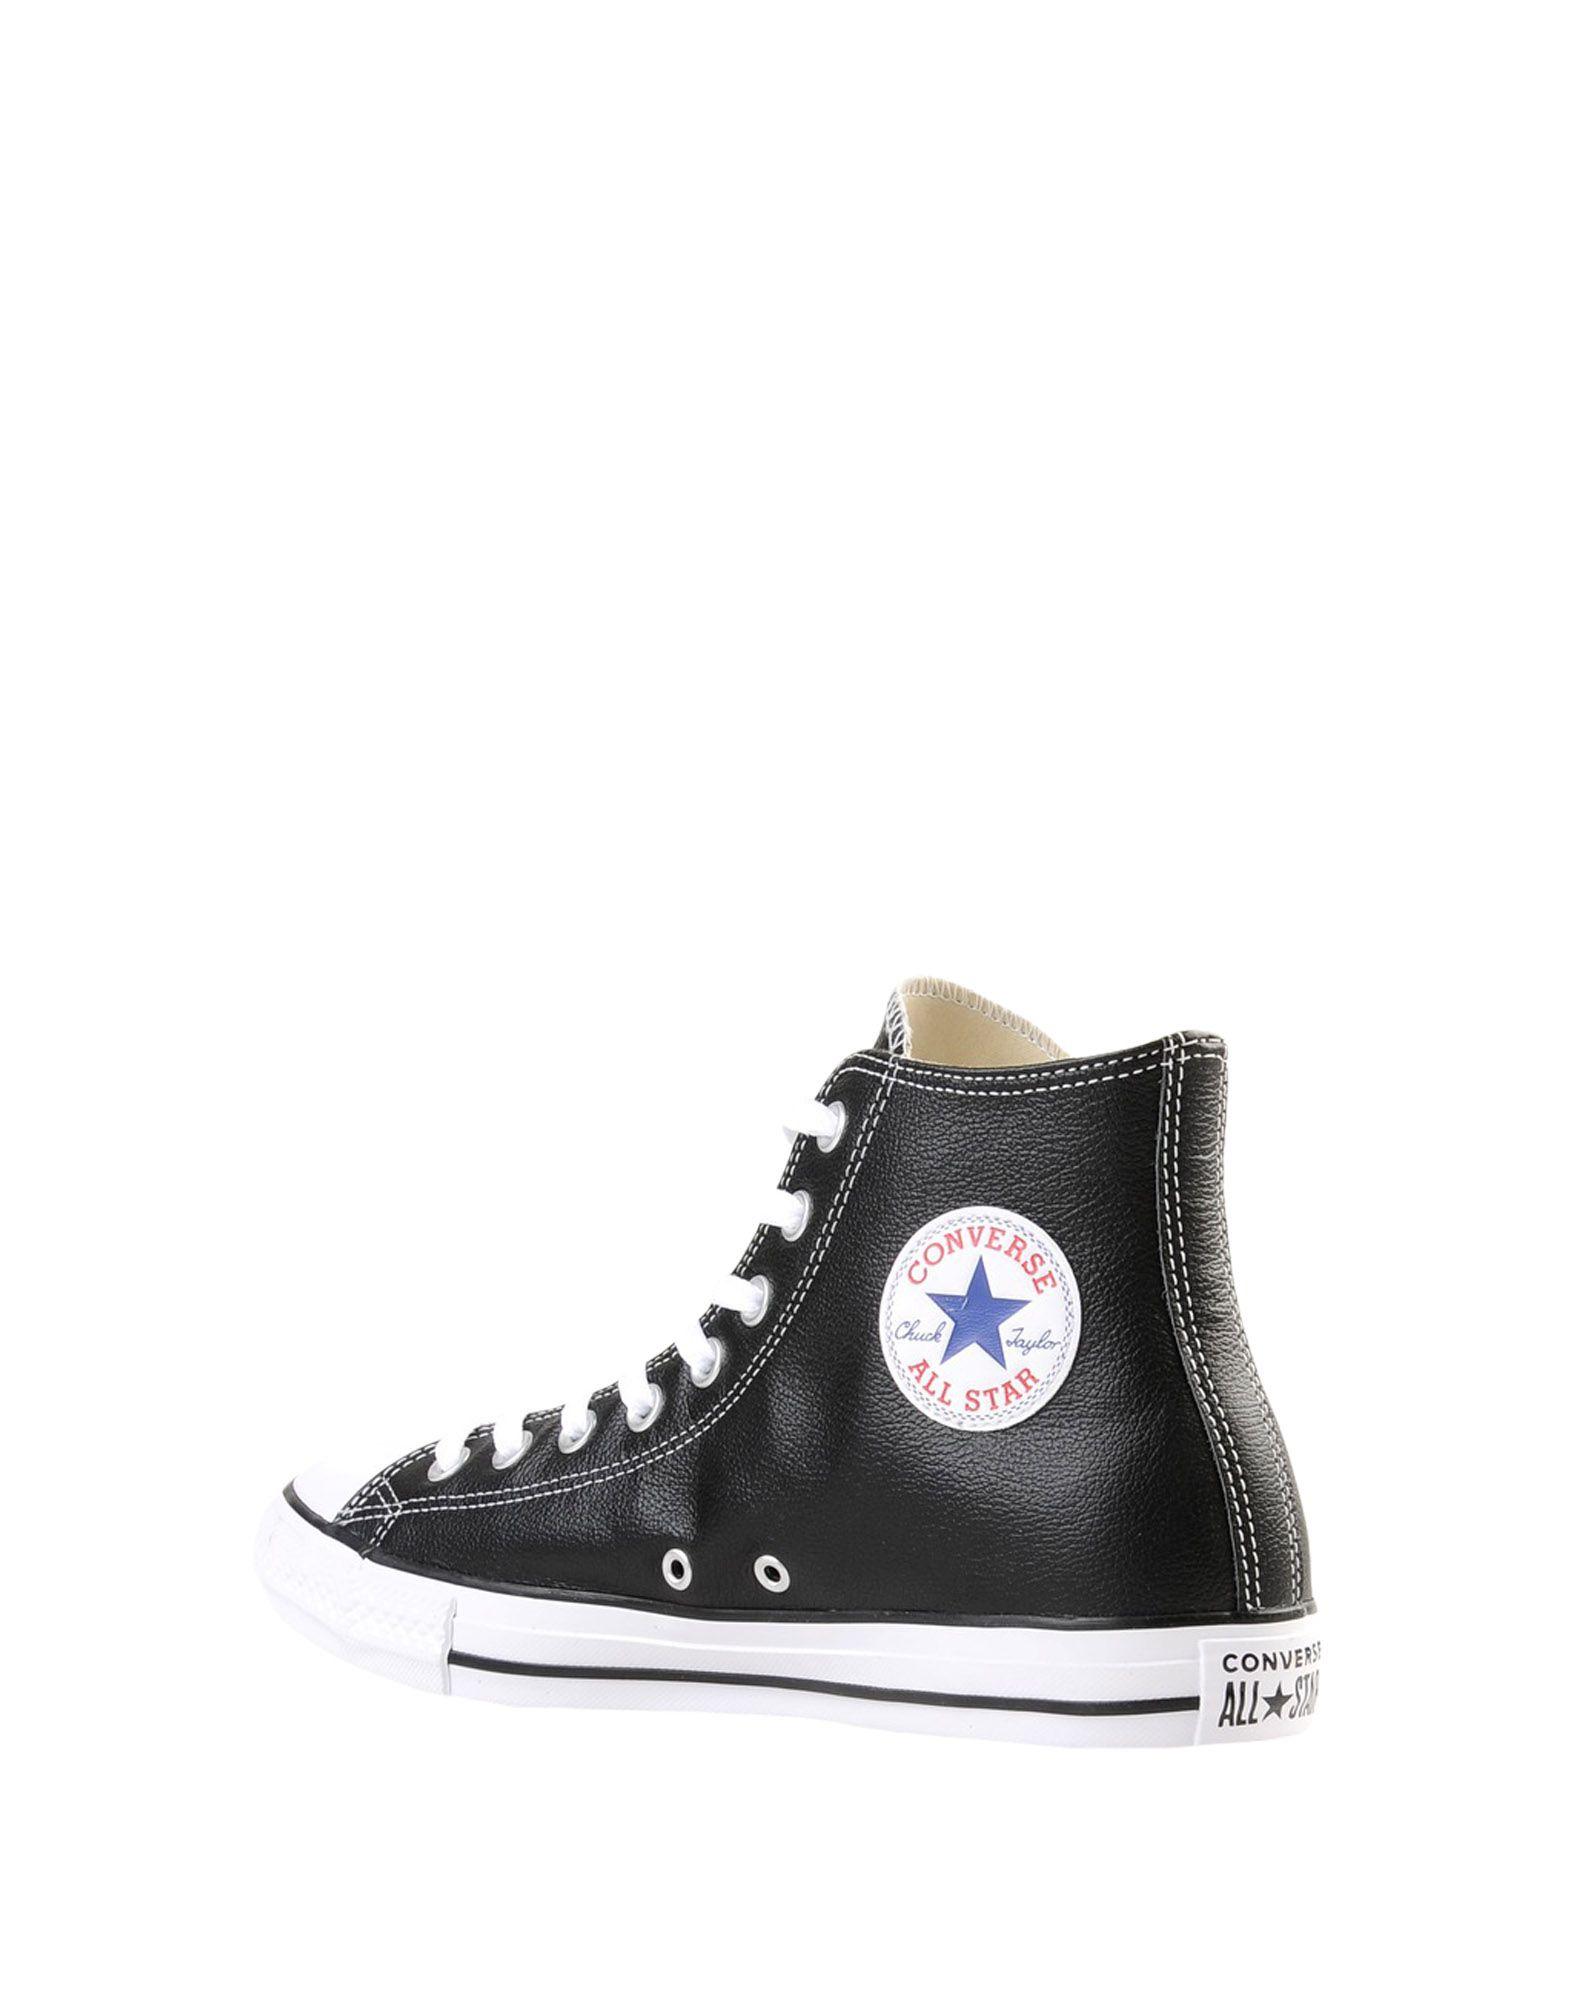 Converse Converse Converse All Star Ct Hi schwarz Gutes Preis-Leistungs-Verhältnis, es lohnt sich 45fc77